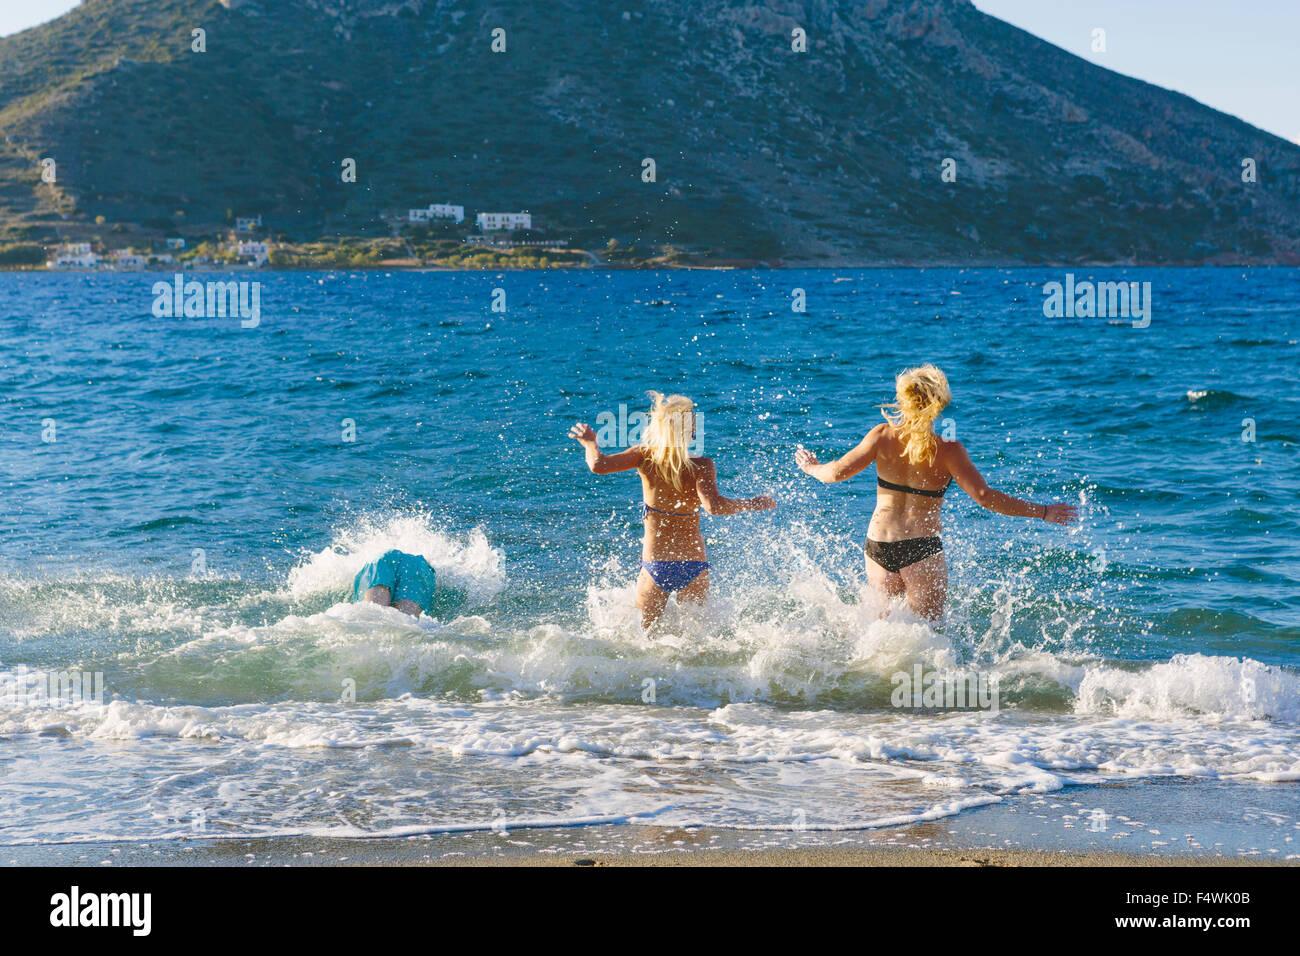 Grèce, Îles du Dodécanèse, Kalymnos, deux femmes en marche dans la mer Photo Stock